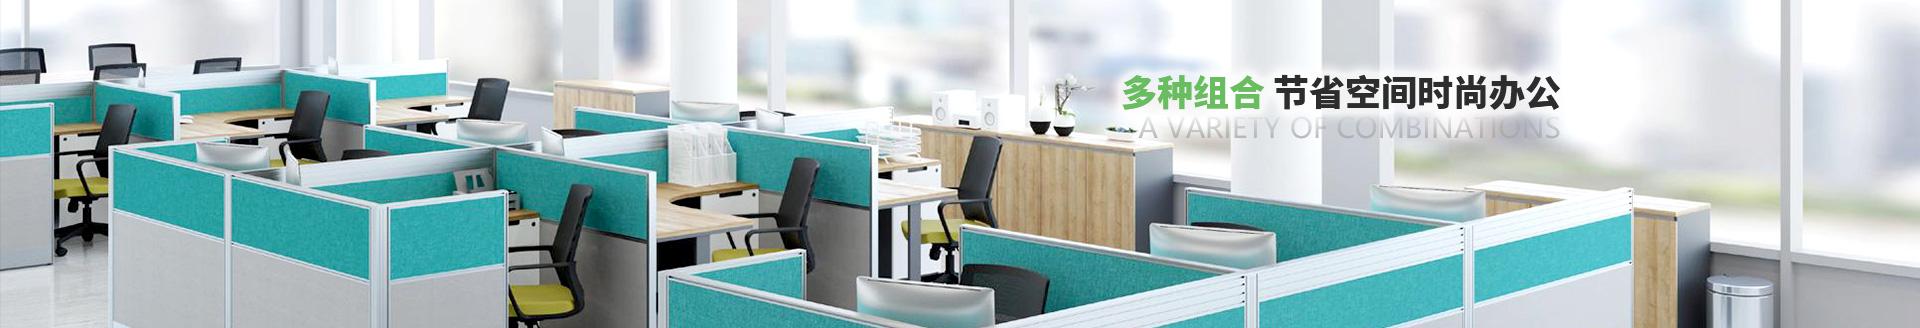 伟豪家具屏风卡位多种组合,节省空间时尚办公